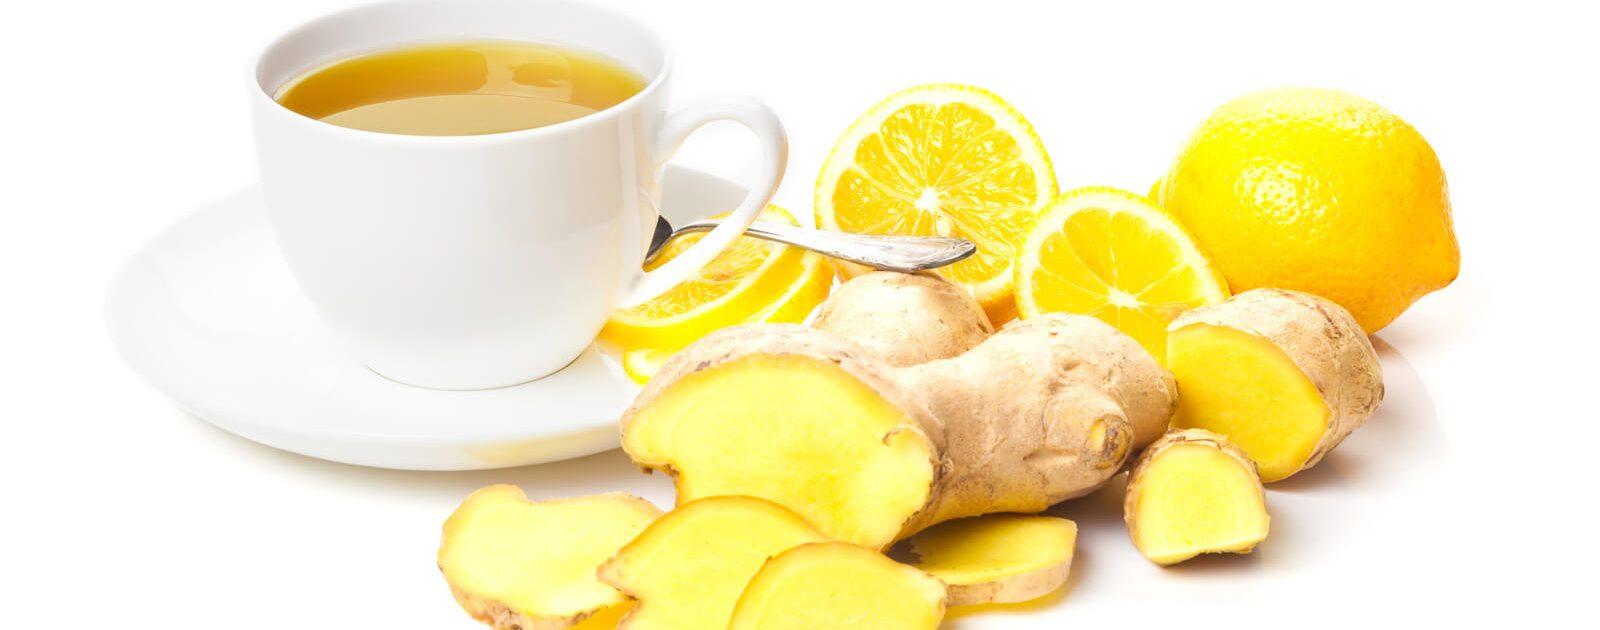 Ingwer lindert die Übelkeit, egal ob als Tee, Bonbon oder Extrakt